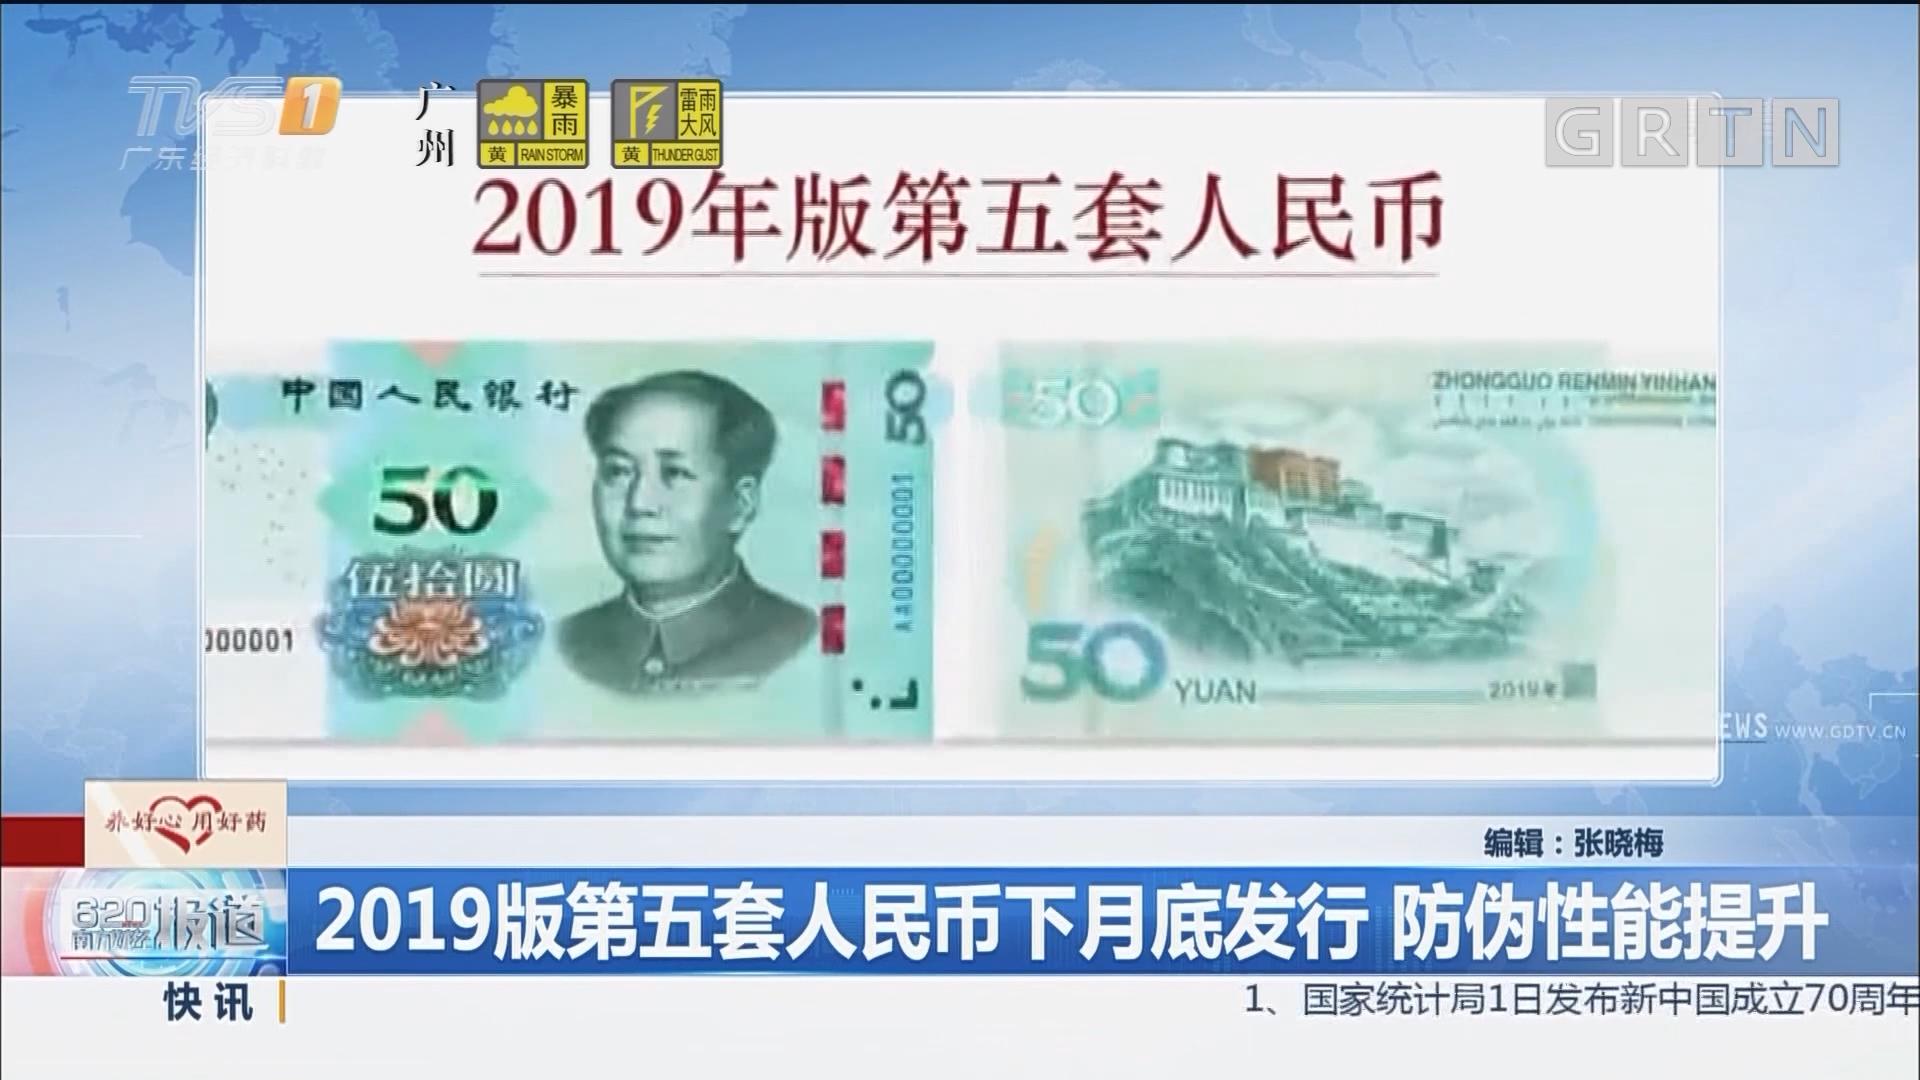 2019版第五套人民币下月底发行 防伪性能提升